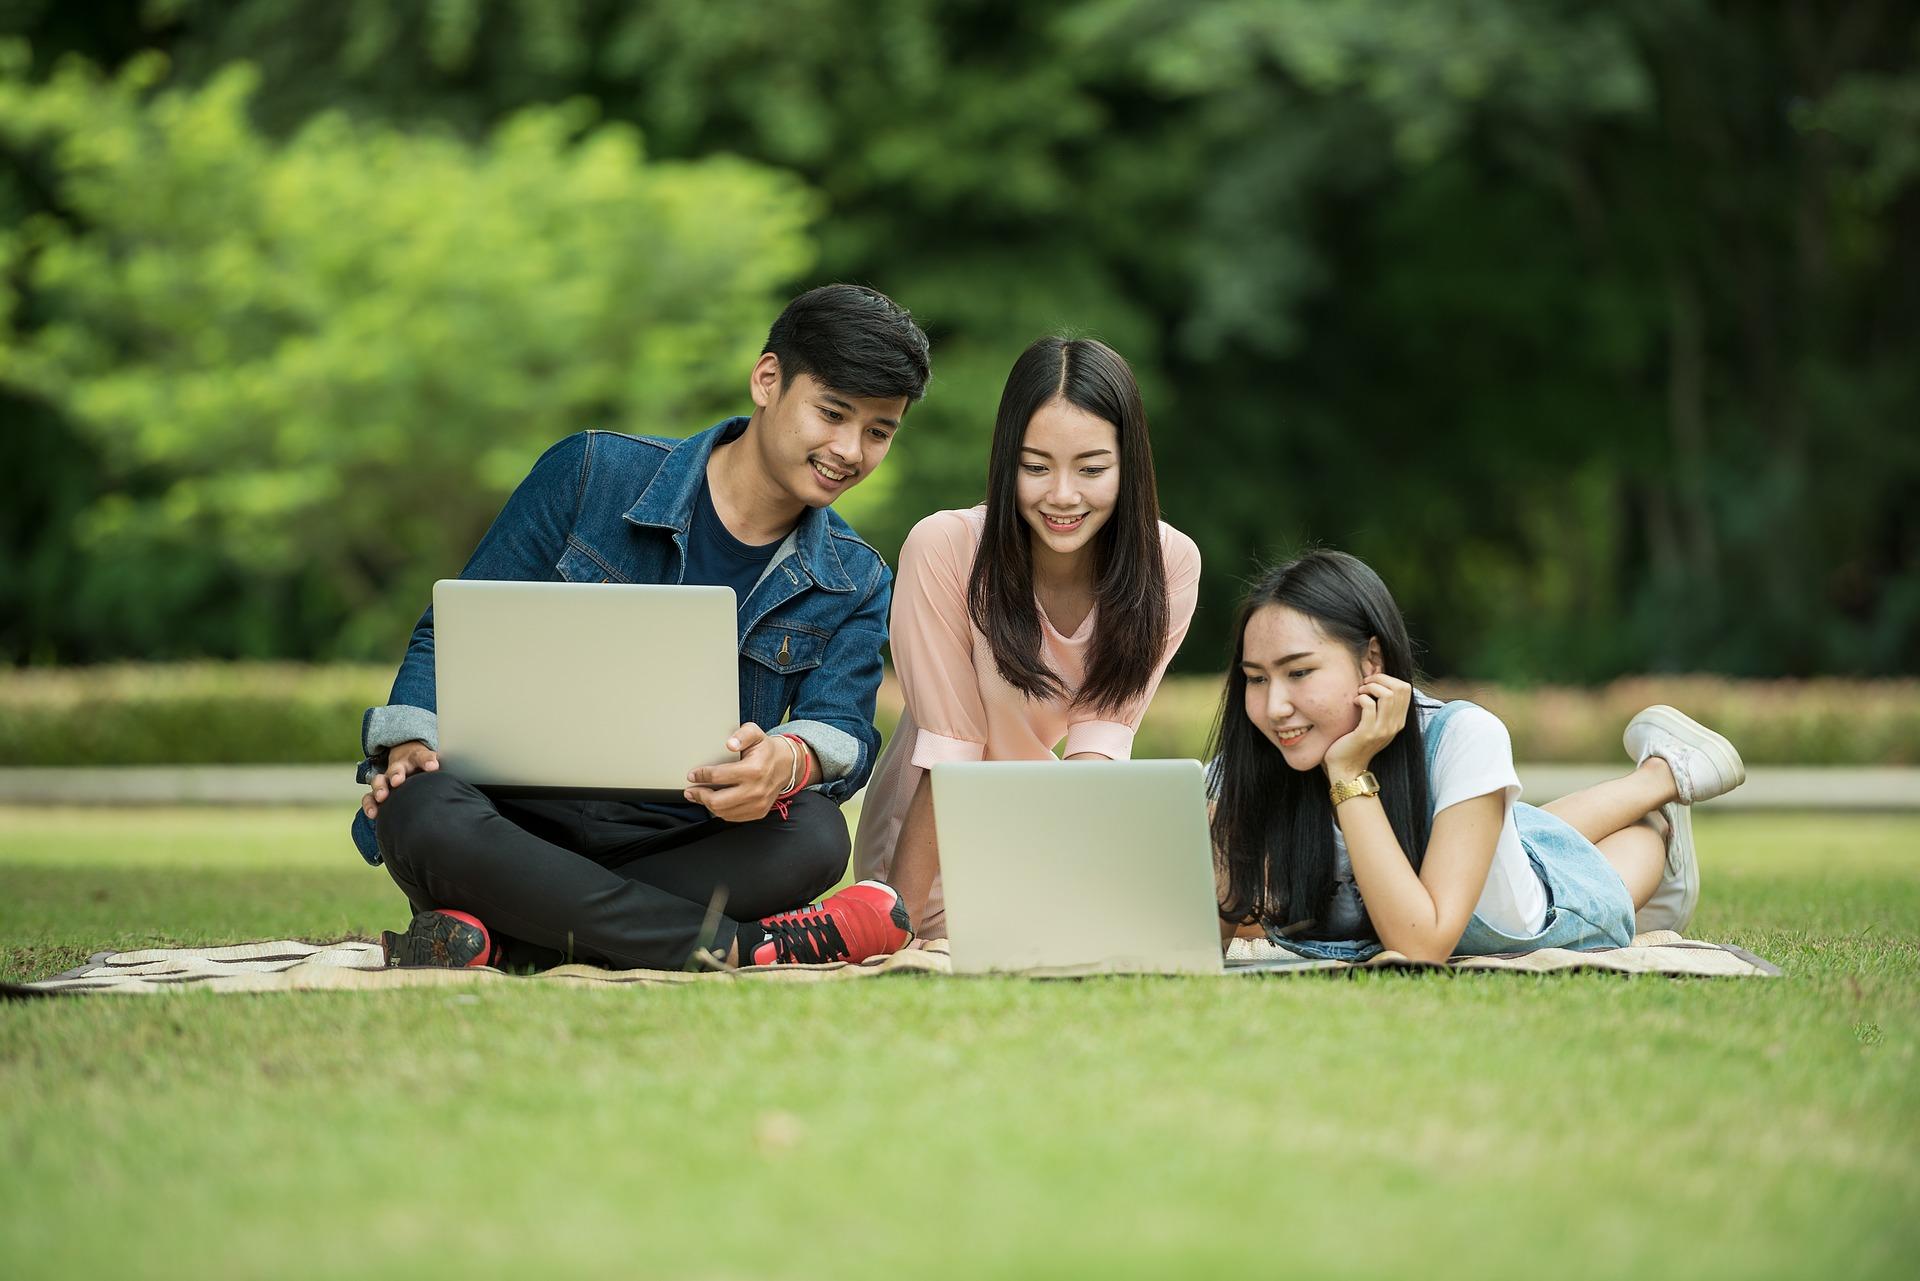 小学生留学も4年間で約5倍にーー中国Z世代で盛り上がる「オルタナティブ」な教育トレンド